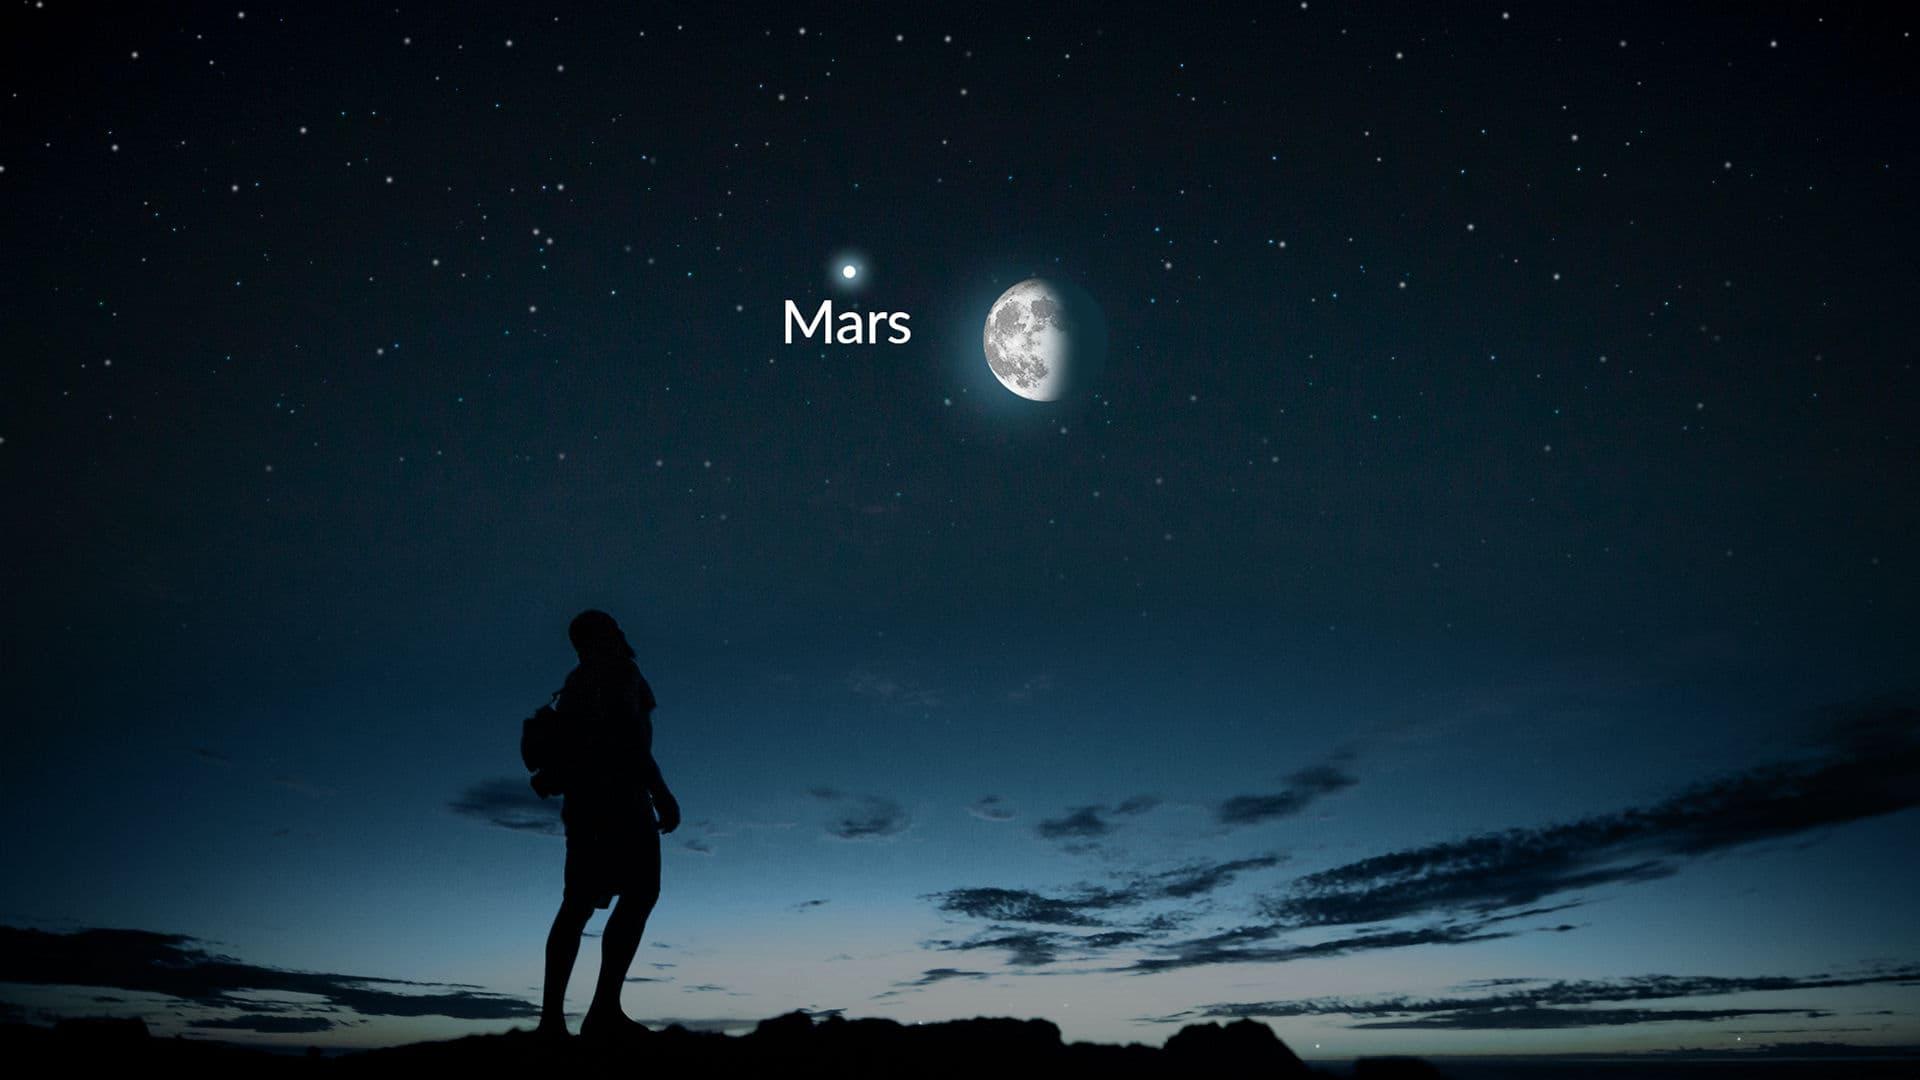 夕暮れから夜明けまでの月と火星(およびそれ以上)